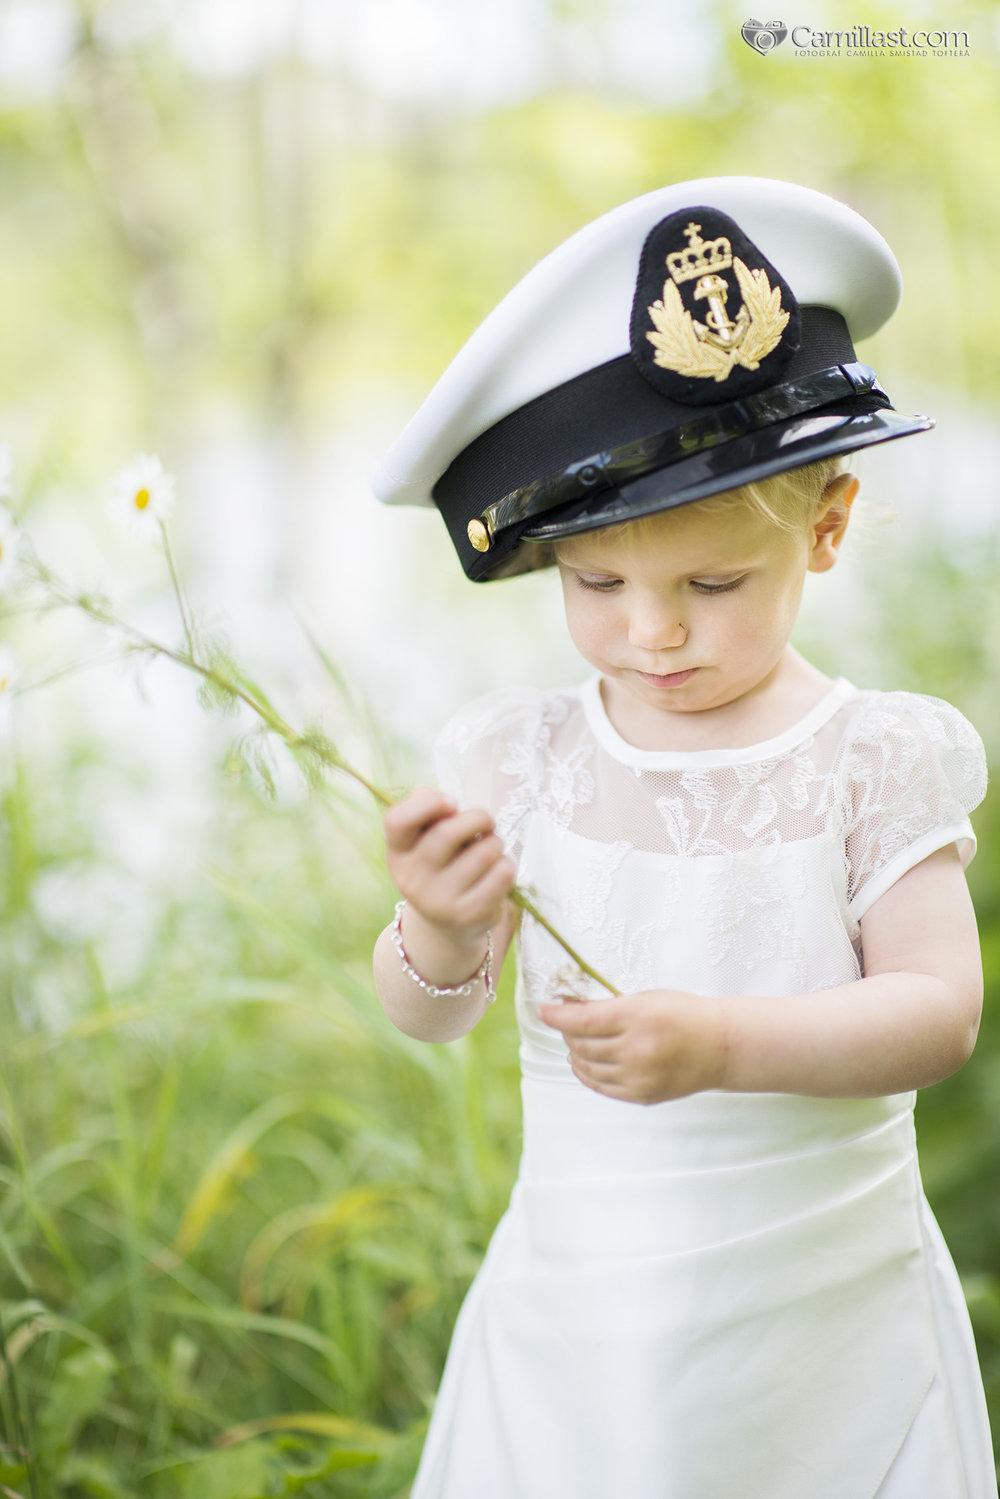 Fotograf_Camillast_20150801_ElinHenning bryllup148 copy.jpg